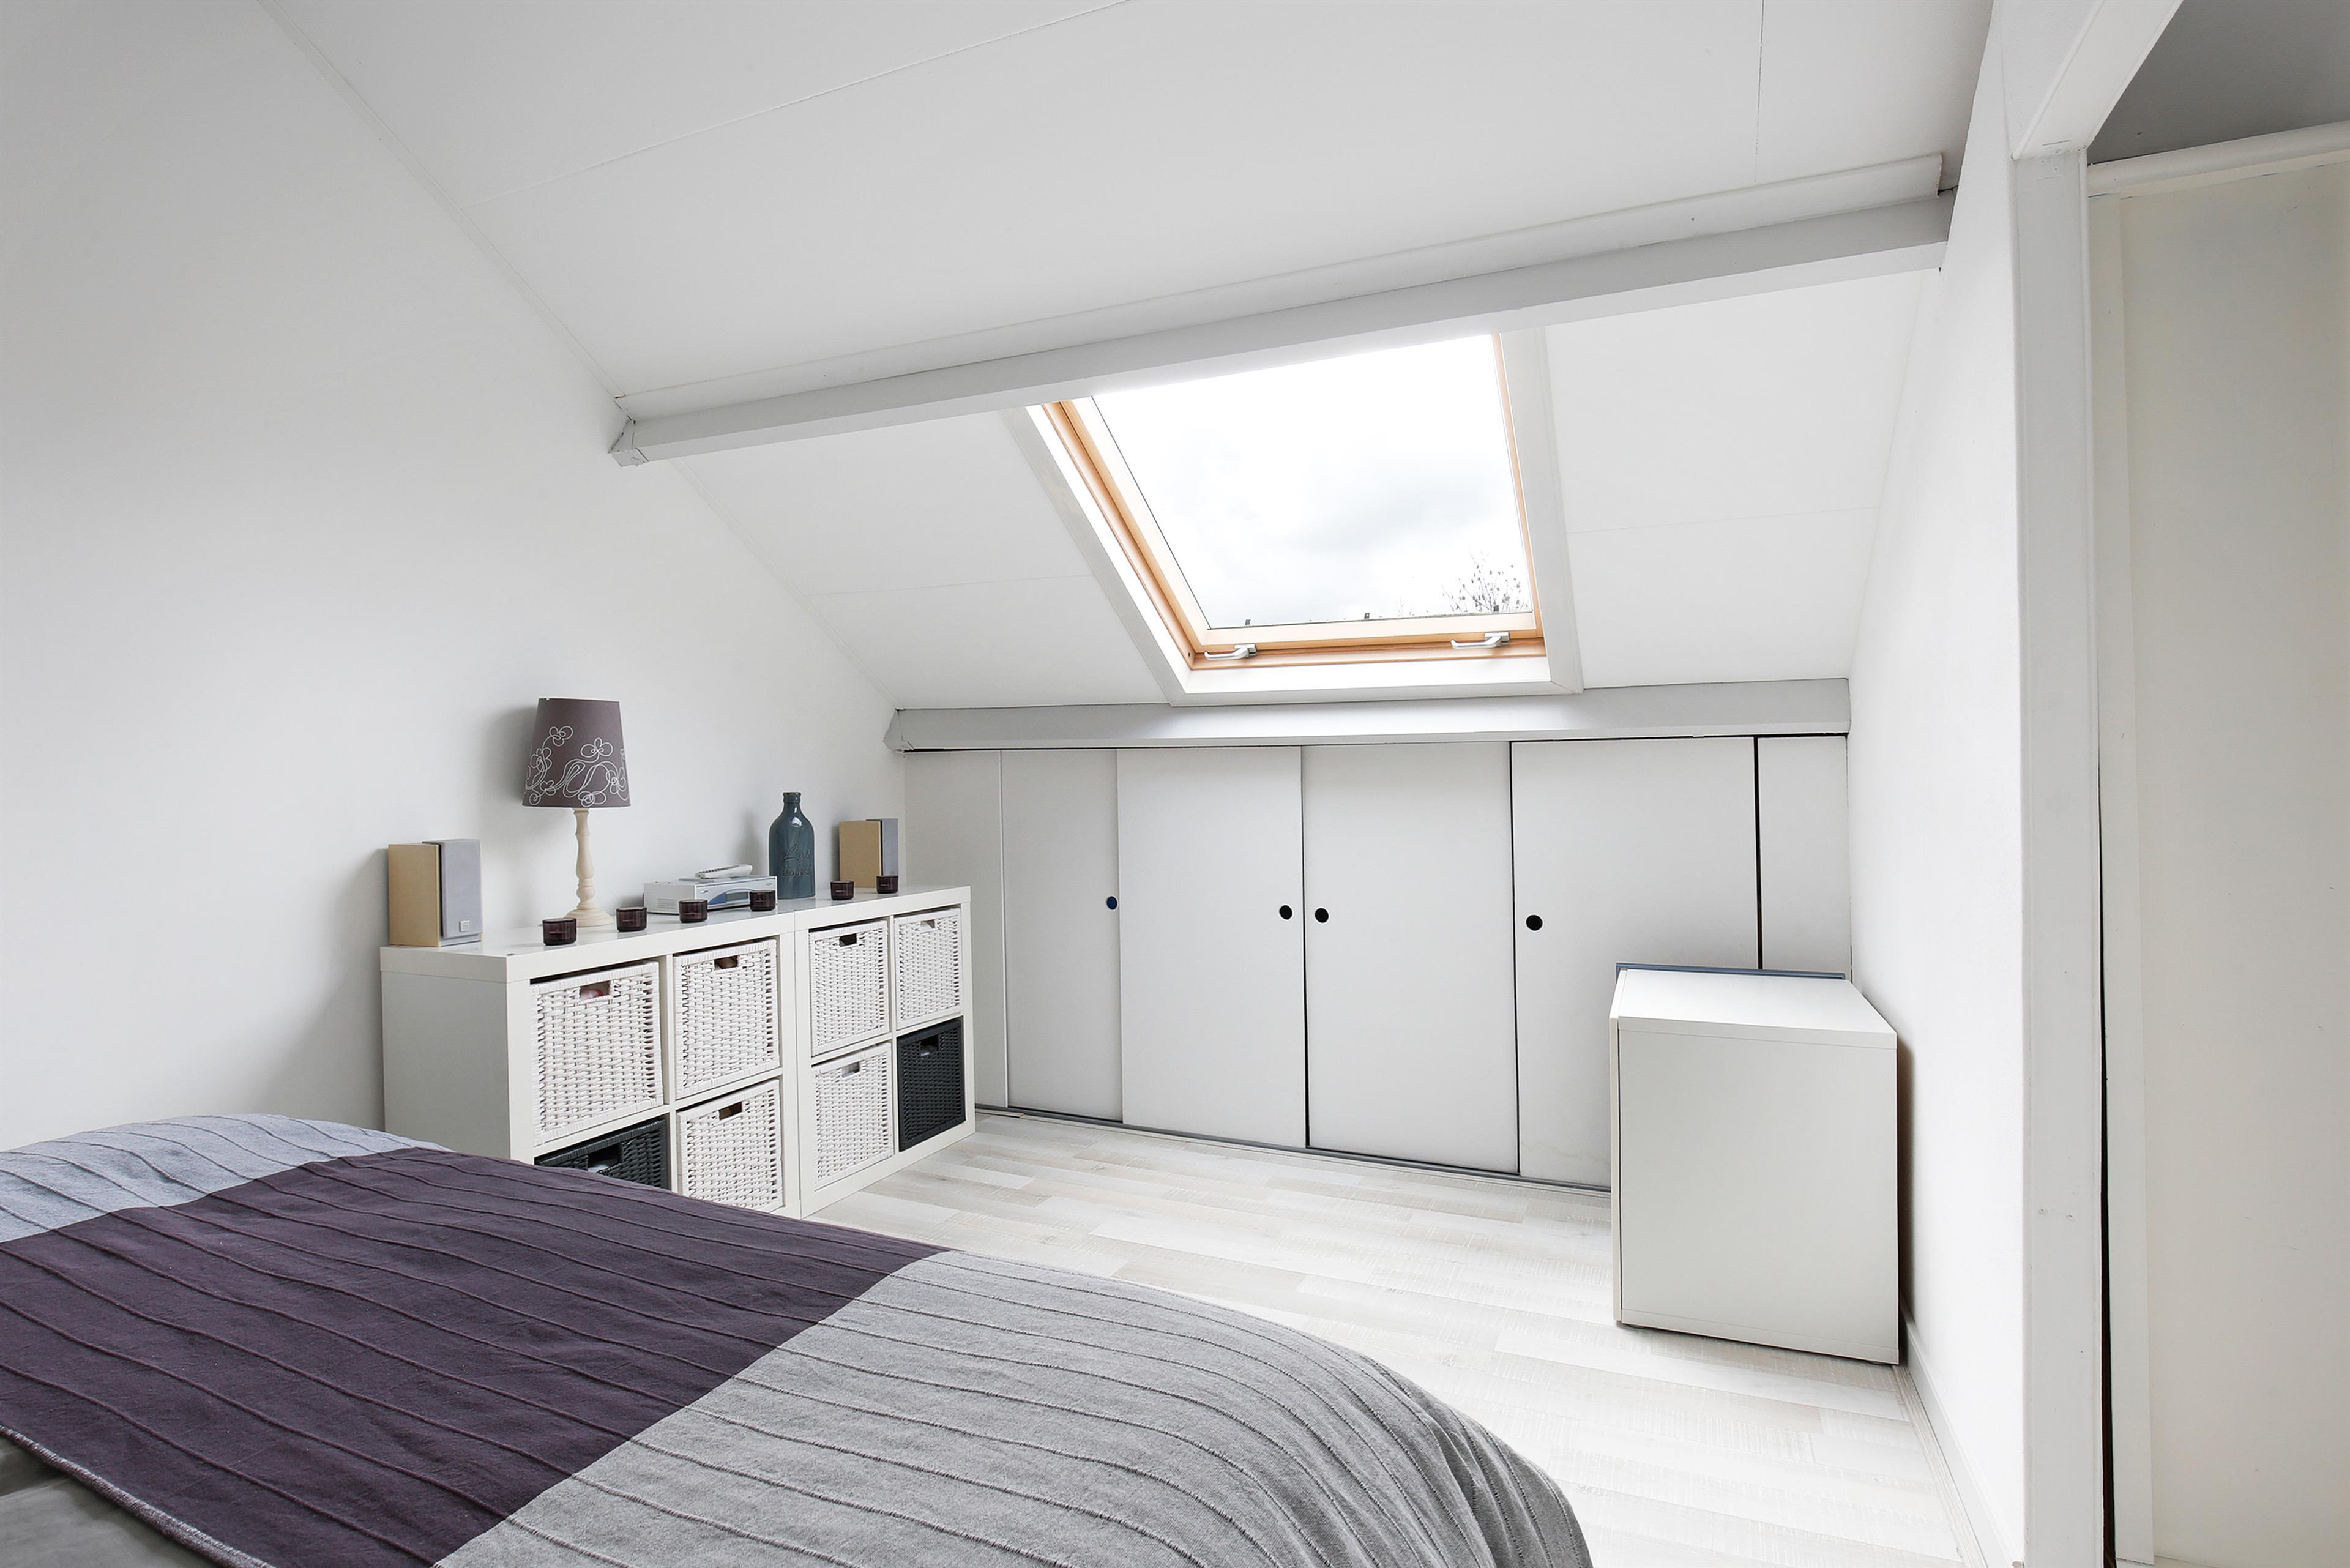 Slaapkamer decoratie volwassenen maison design obas